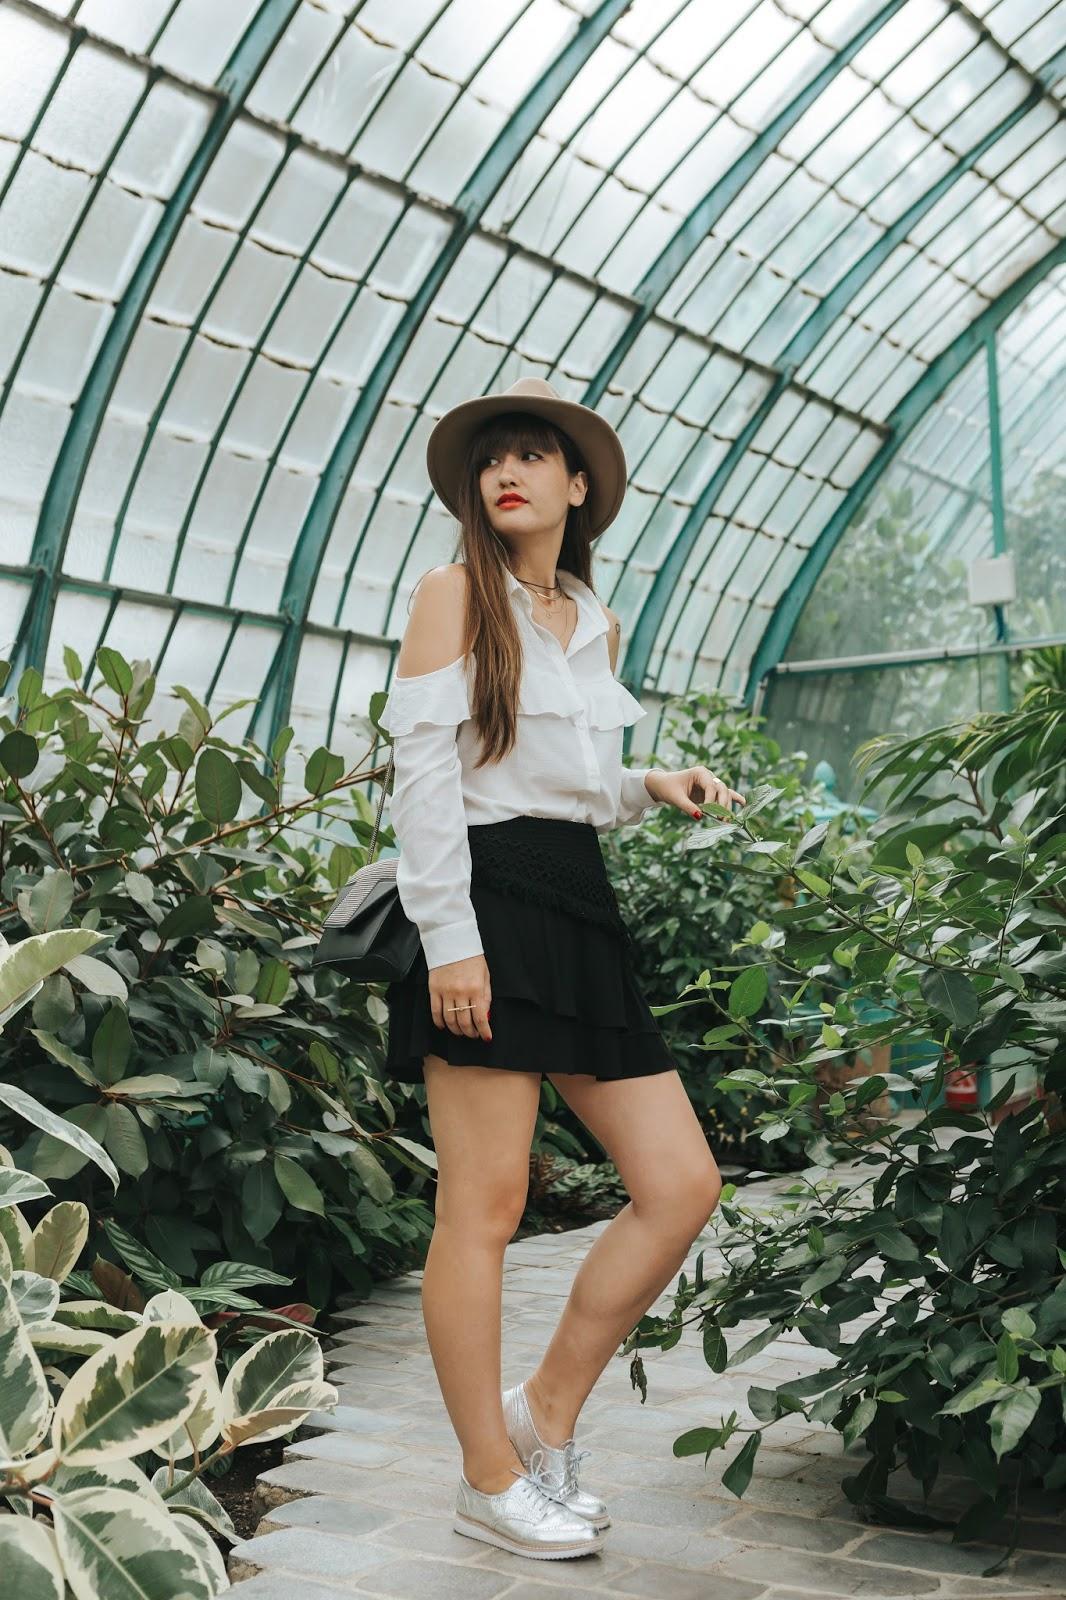 meetmeinparee, paris, blogger, fashion, chic, ikks, parisian blogger, cute style